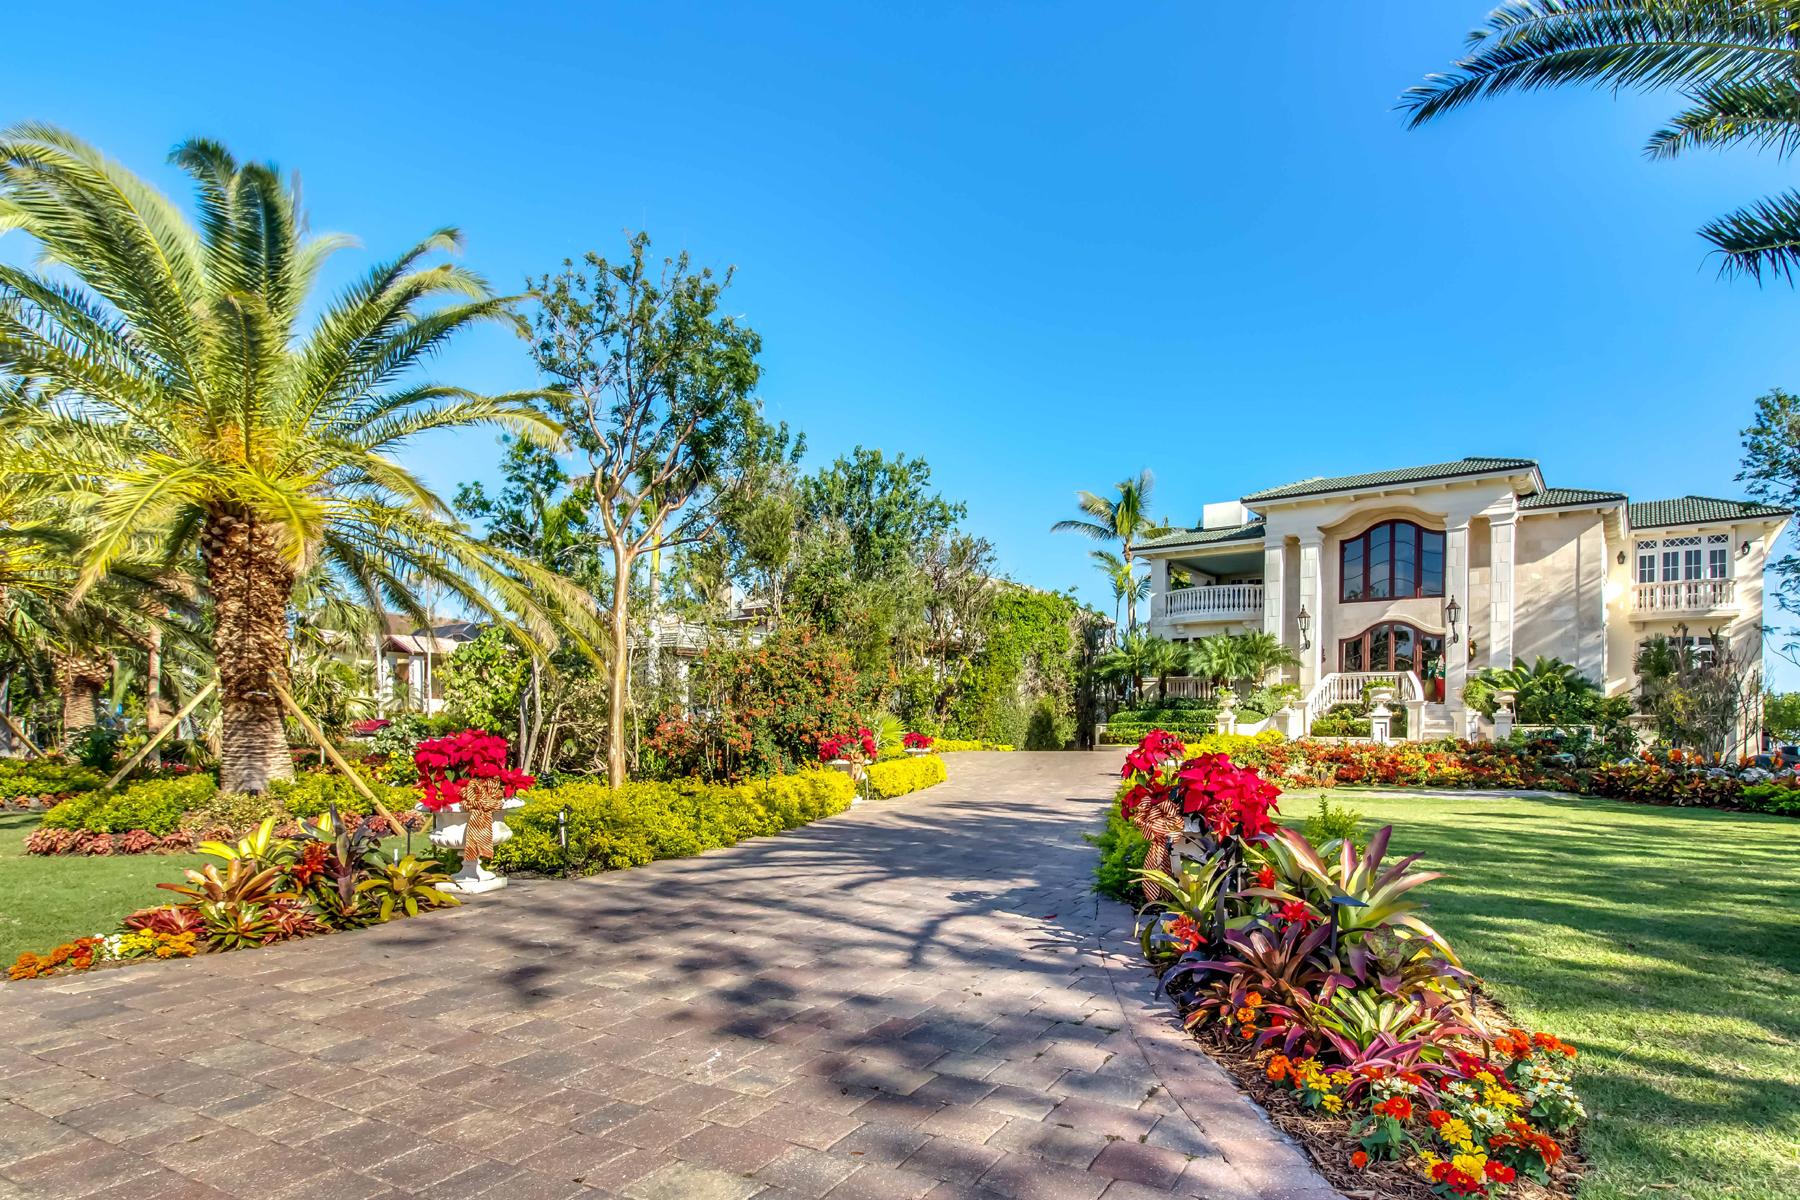 一戸建て のために 売買 アット Magnificent Oceanfront Home at Ocean Reef 14 Sunrise Cay Drive Key Largo, フロリダ 33037 アメリカ合衆国